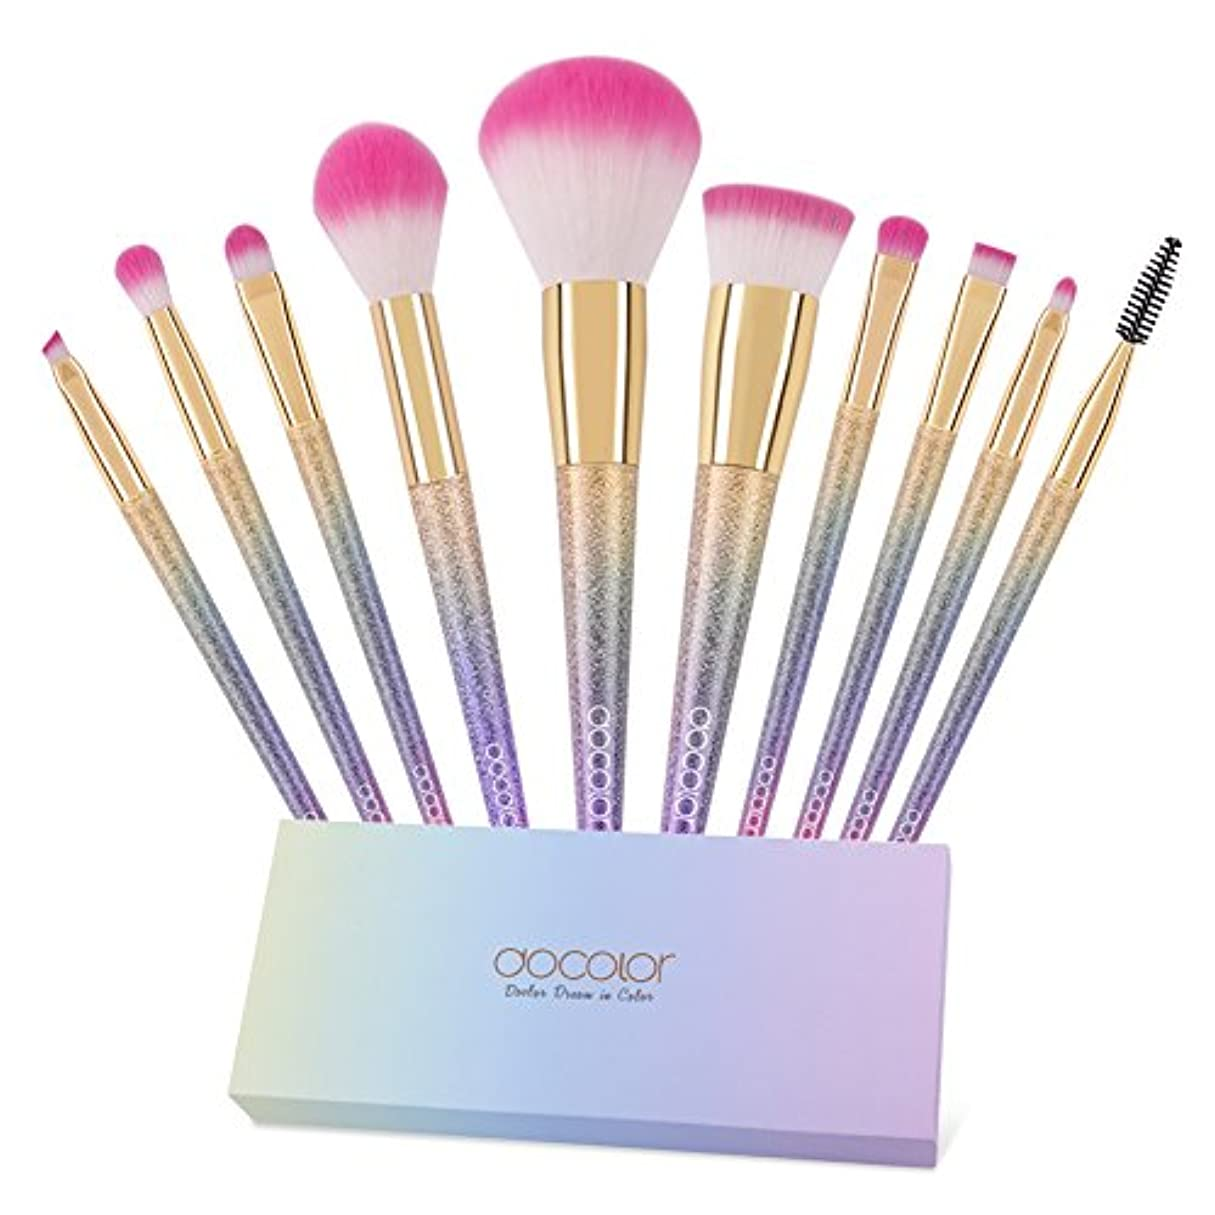 ボランティア禁輸受け入れドゥカラー Docolor 化粧筆 メイクブラシ 10本セット 欧米で話題のレインボーブラシ 同時発売で日本に登場